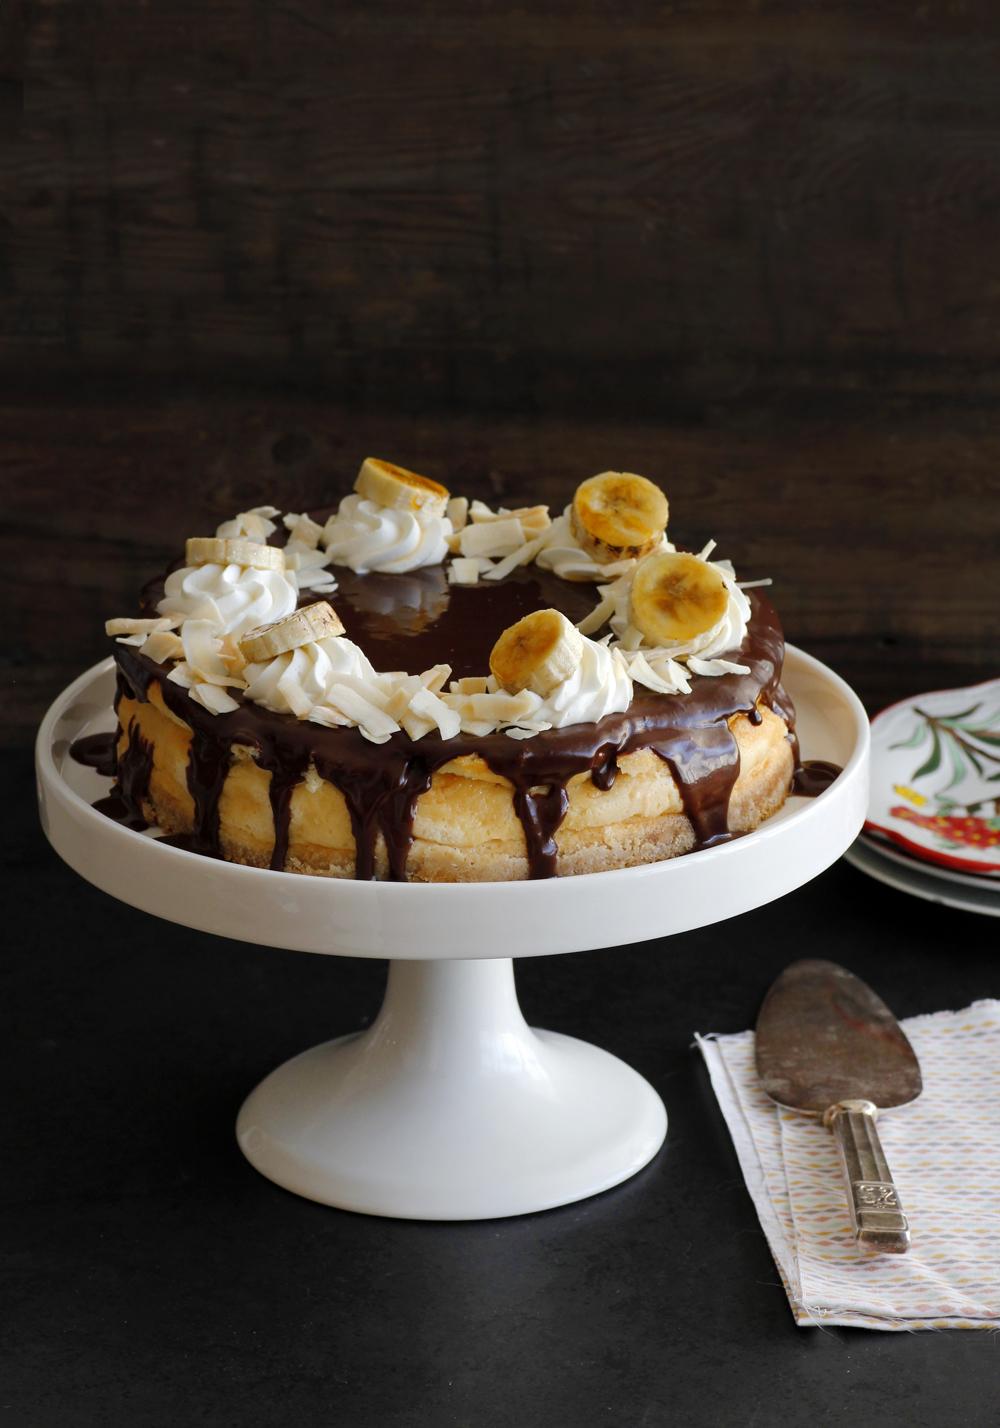 עוגת גבינה עם קוקוס, בננות ושוקולד | צילום: נטלי לוין